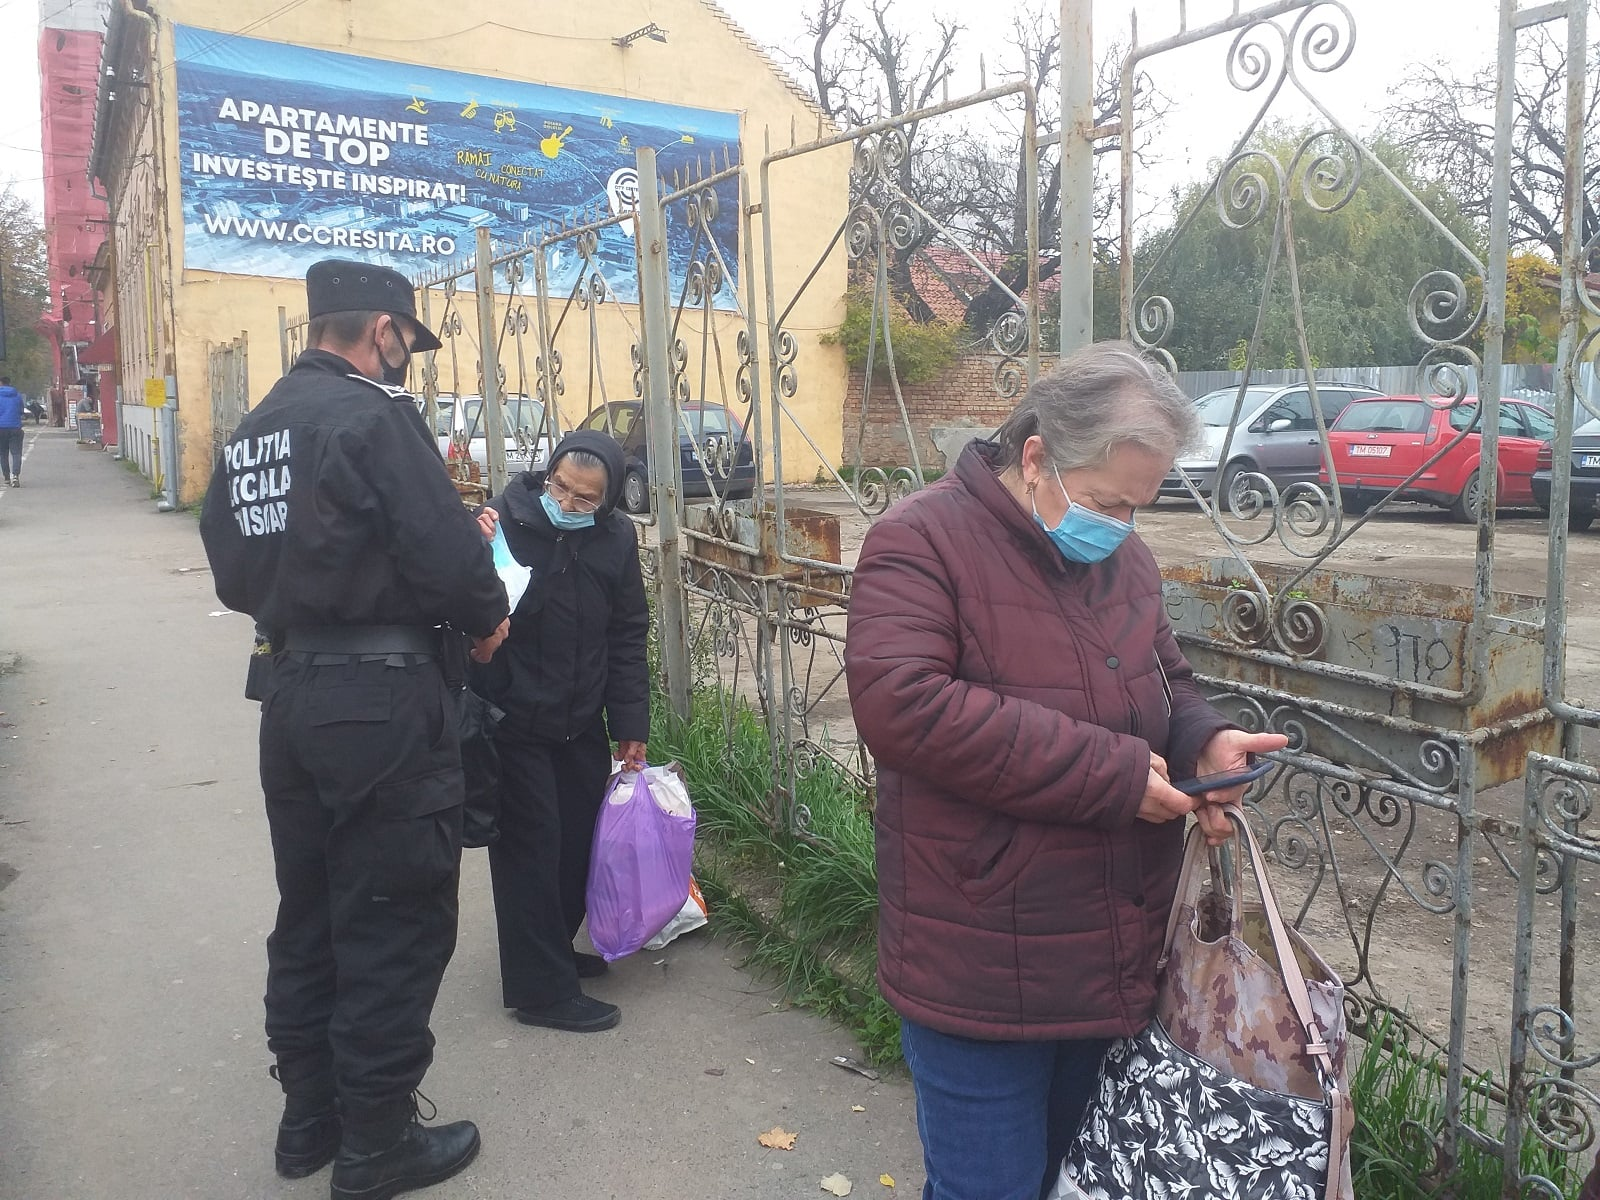 Poliția Locală revine: a împărțit măști vârstnicilor din mijloacele de transport în comun